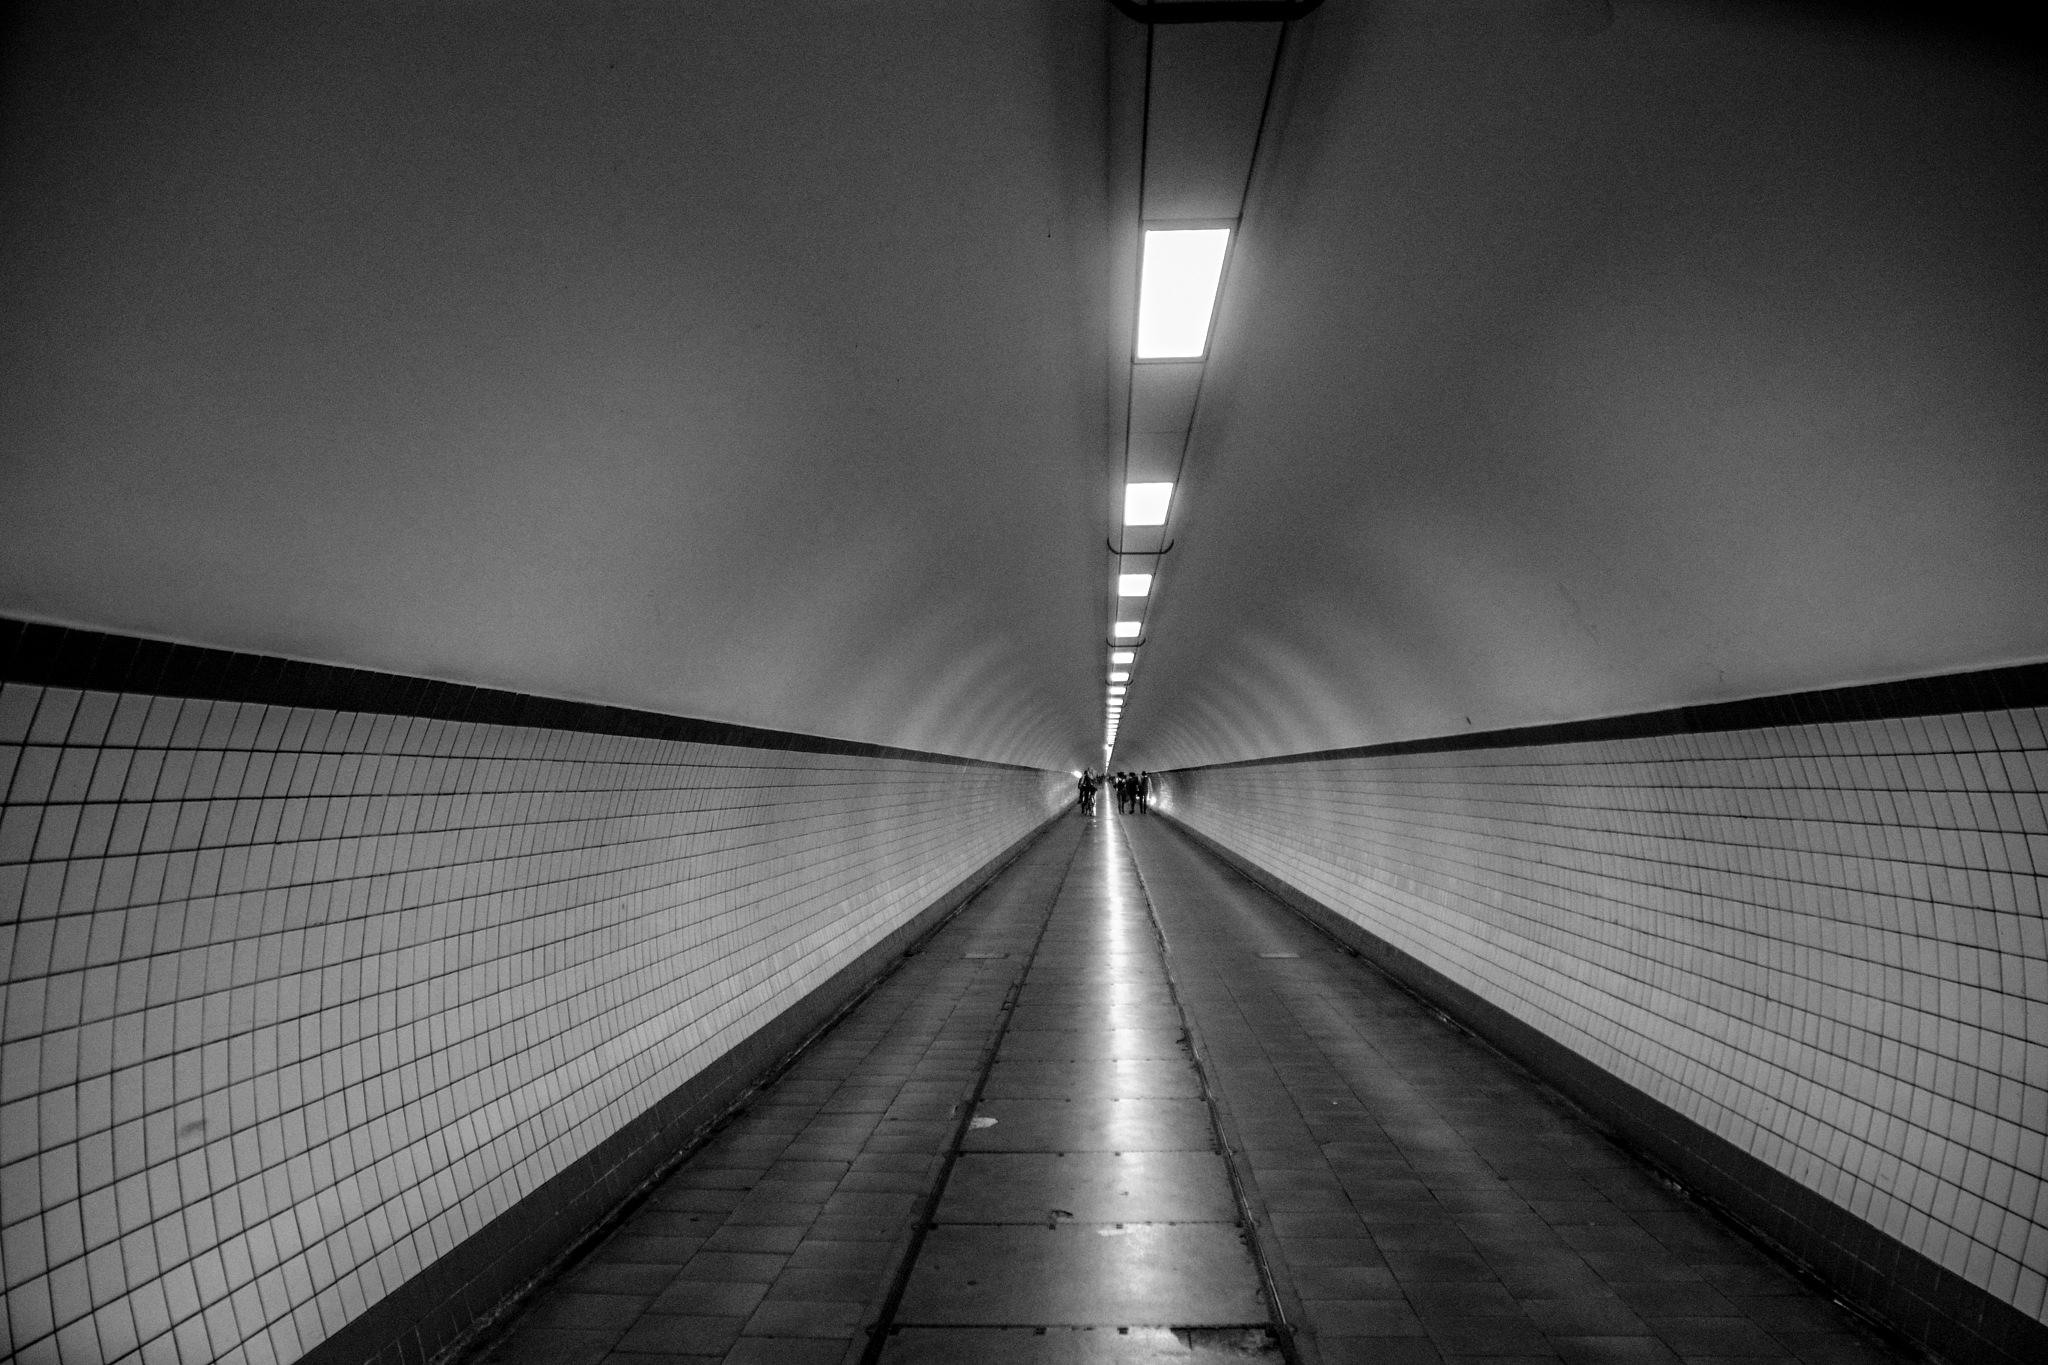 St. Anna Tunnel by tehreemnasir